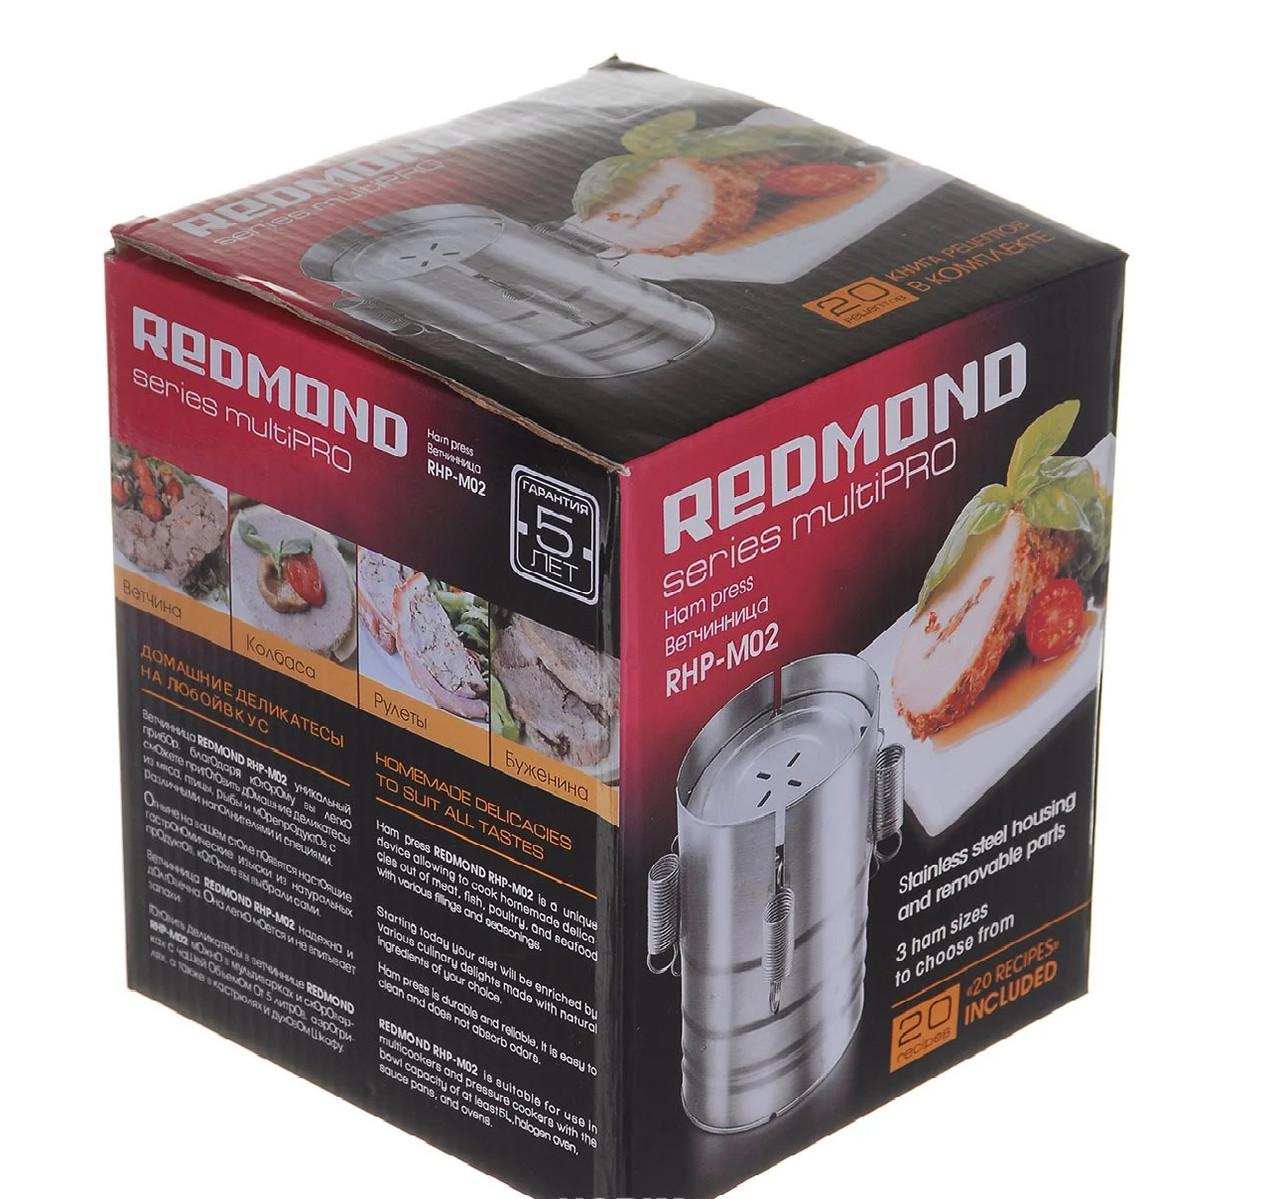 Ветчинница REDMOND RHP-M02 | аппарат для приготовления ветчины Редмонд пресс форма для ветчины